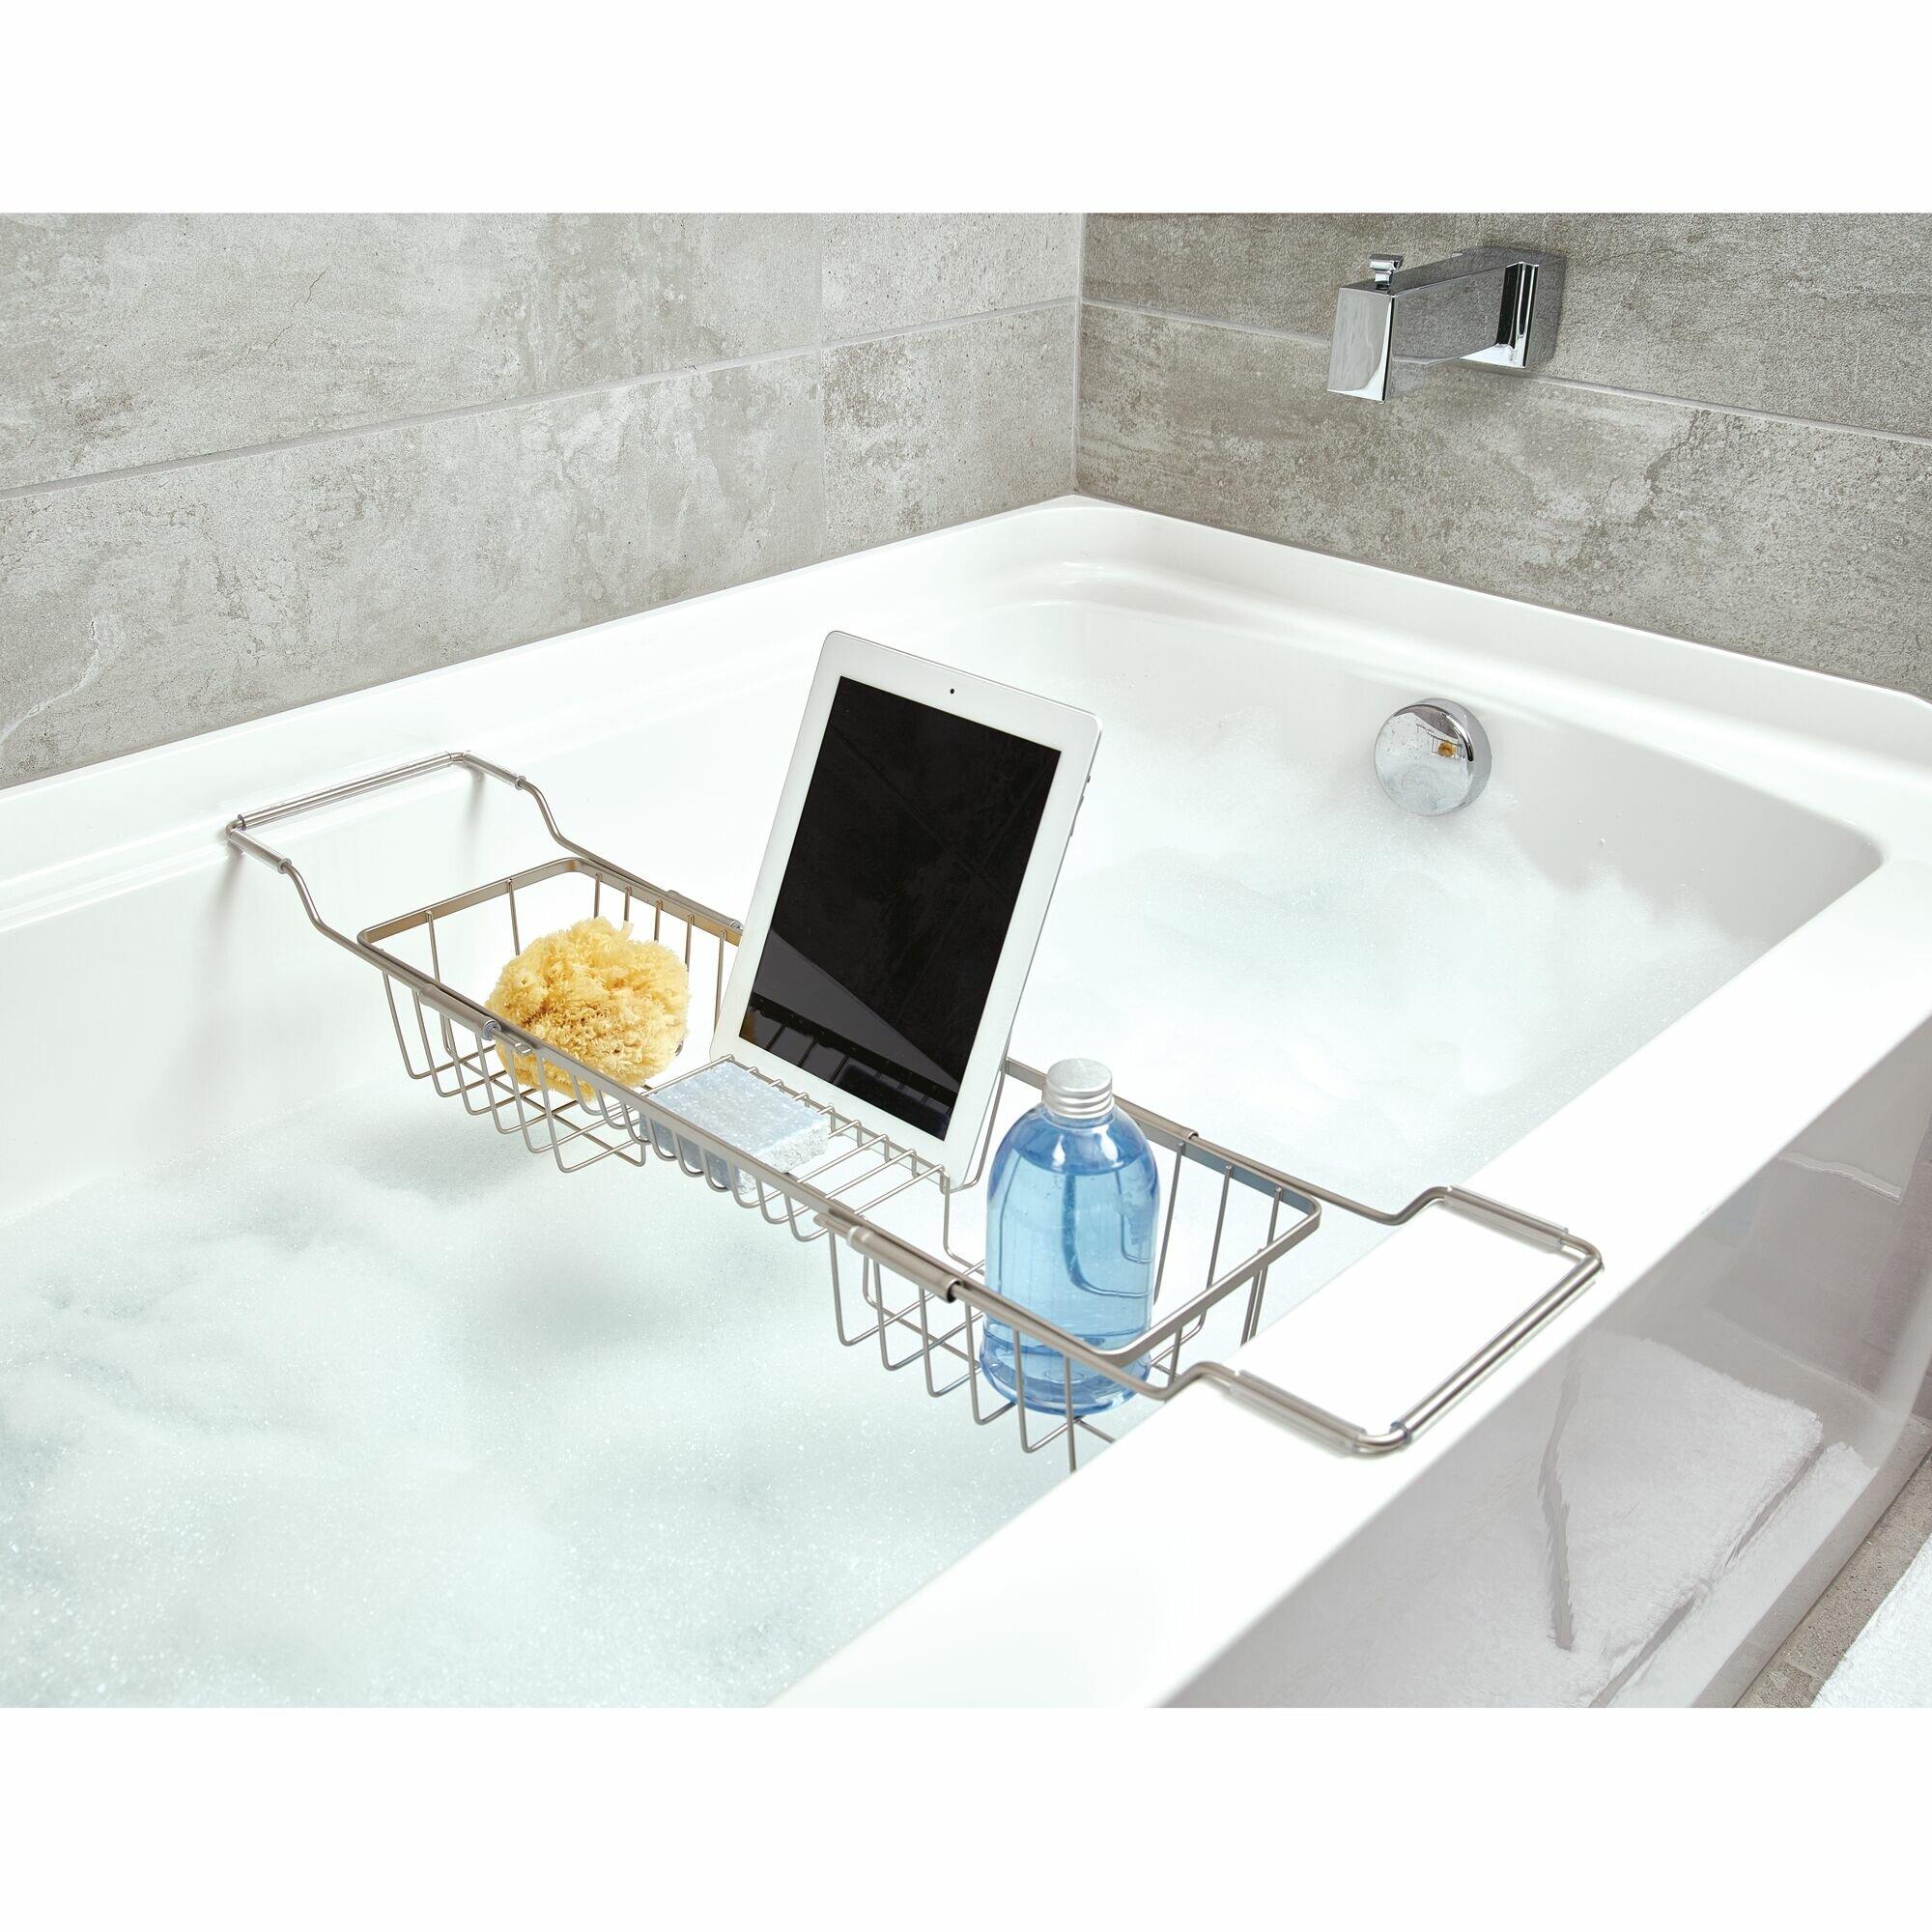 Idesign Everett Adjule Over Bathtub